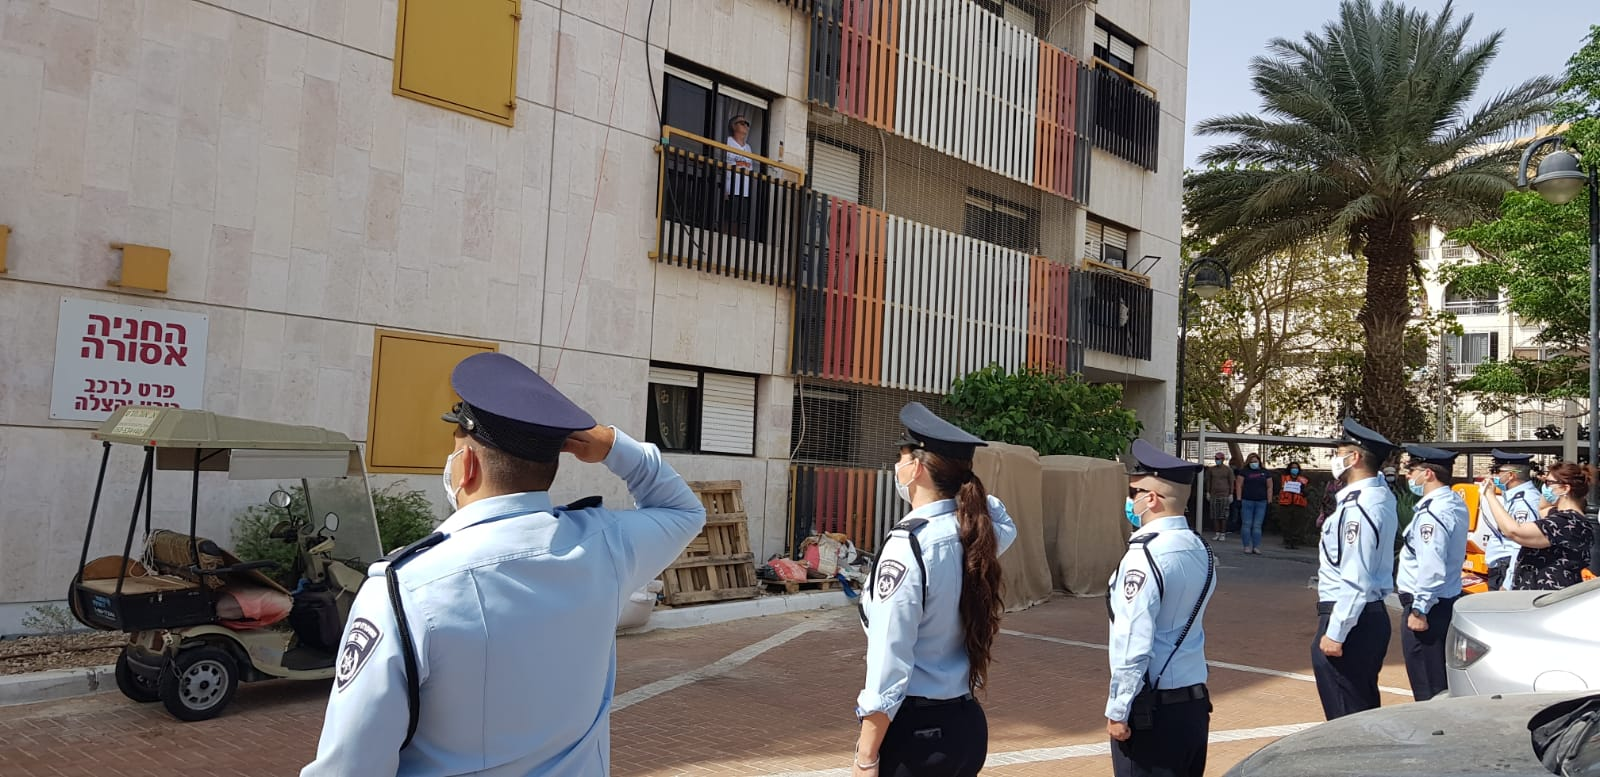 שוטרי אילת מצדיעים לקשישי הדיור המוגן בעיר